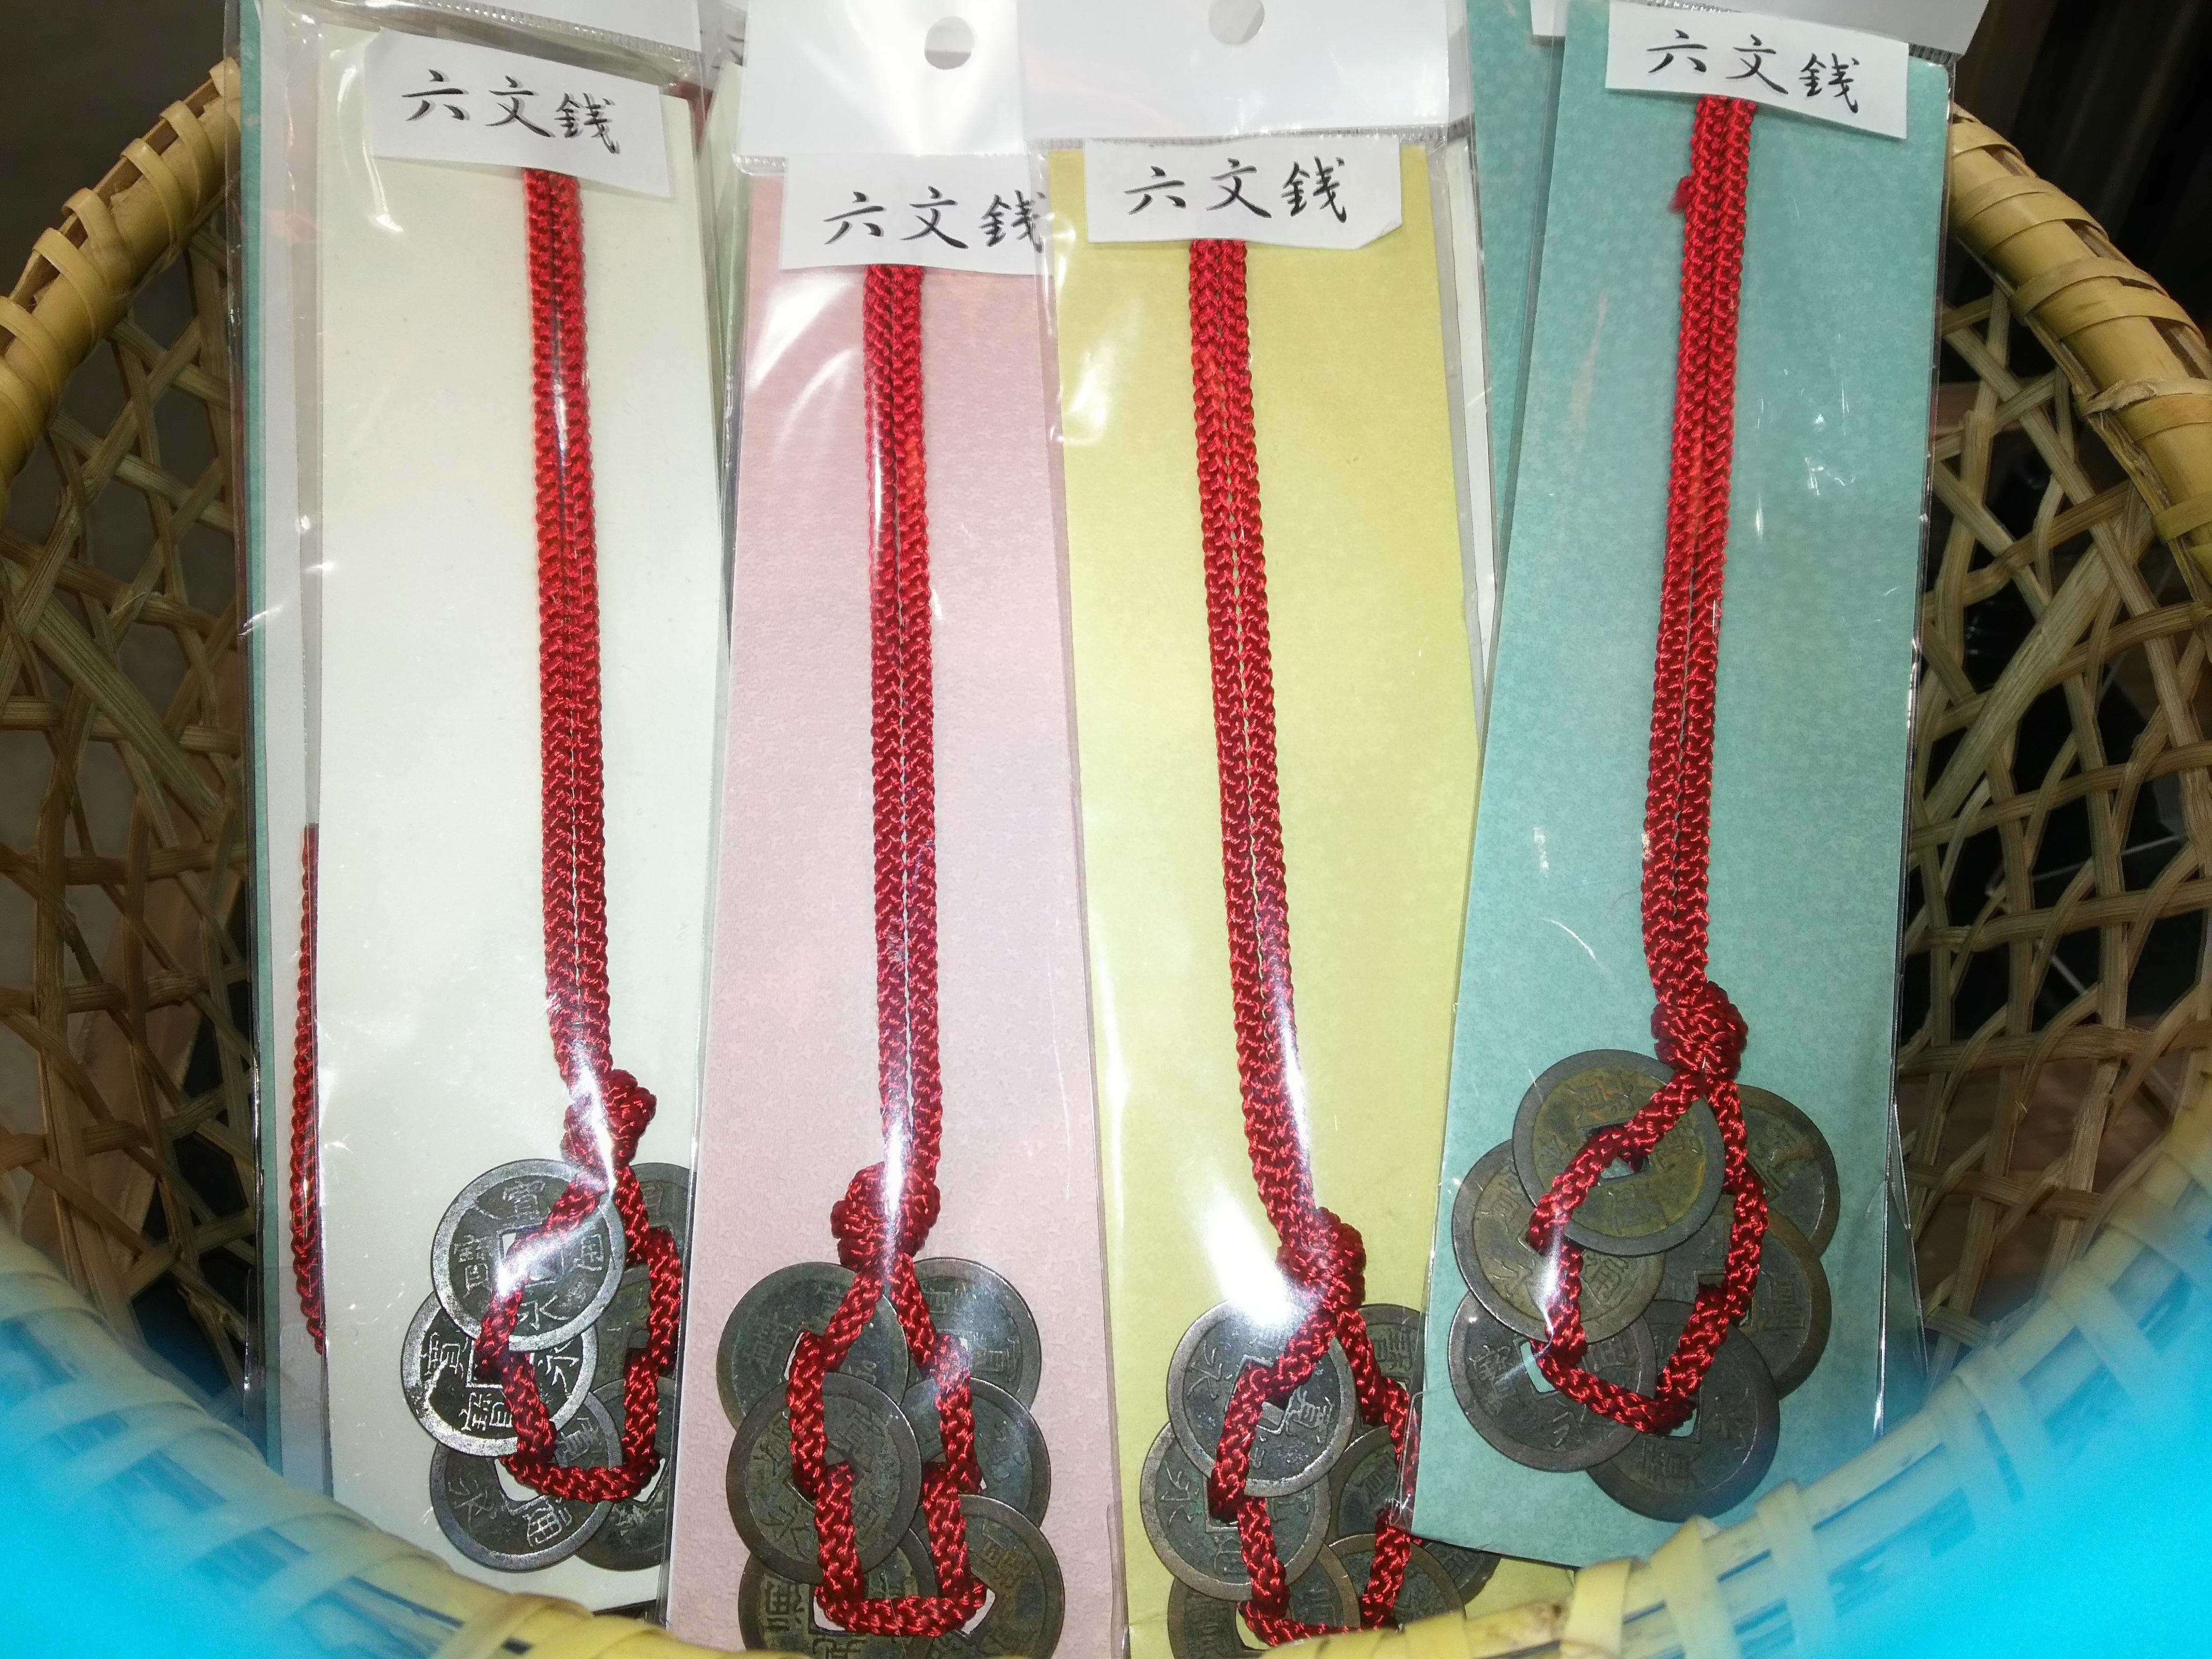 新商品!江戸時代の代表的な銭貨「六文銭」